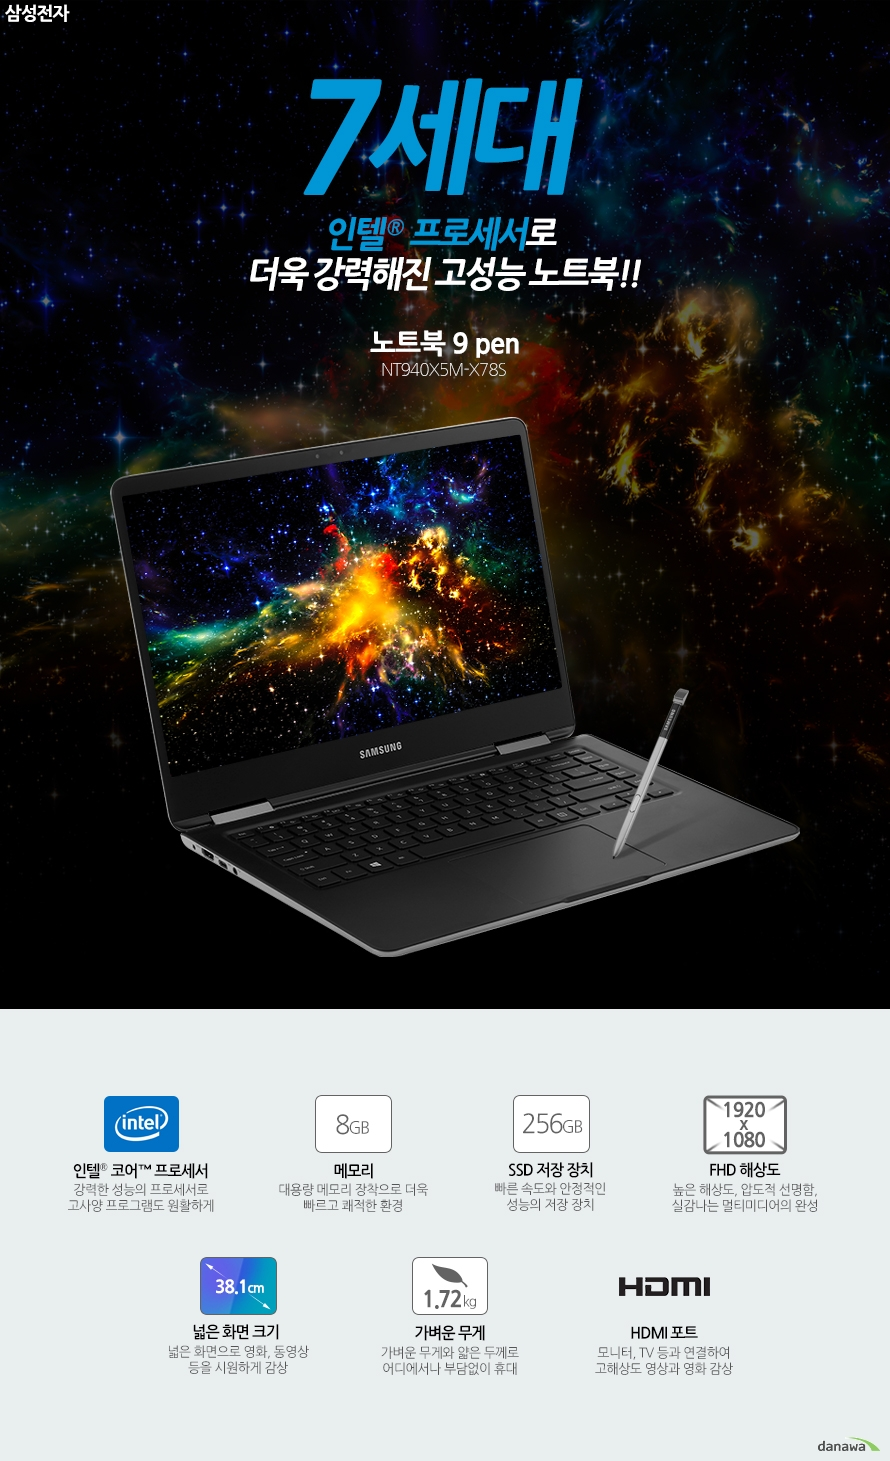 7세대 인텔 프로세서 장착으로 더욱 강력해진 초경량 고성능 노트북!! 삼성전자 노트북9 pen NT940X5M-X78S인텔 코어 프로세서 강력한 성능의 프로세서로 고사양 프로그램도 원활하게8GB 메모리 대용량 메모리 장착으로 더욱 빠르고 쾌적한 환경256GB SSD 저장 장치 빠른 속도와 안정적인 성능의 저장 장치1920 x 1080 FHD 해상도 높은 해상도, 압도적 선명함, 실감나는 멀티미디어의 완성38.1cm 화면 크기 넓은 화면으로 영화, 동영상 등을 시원하게 감상 1.72kg 가벼운 무게 가벼운 무게와 얇은 두께로 어디에서나 부담없이 휴대HDMI 포트 모니터, TV 등과 연결하여 고해상도 영상과 영화 감상